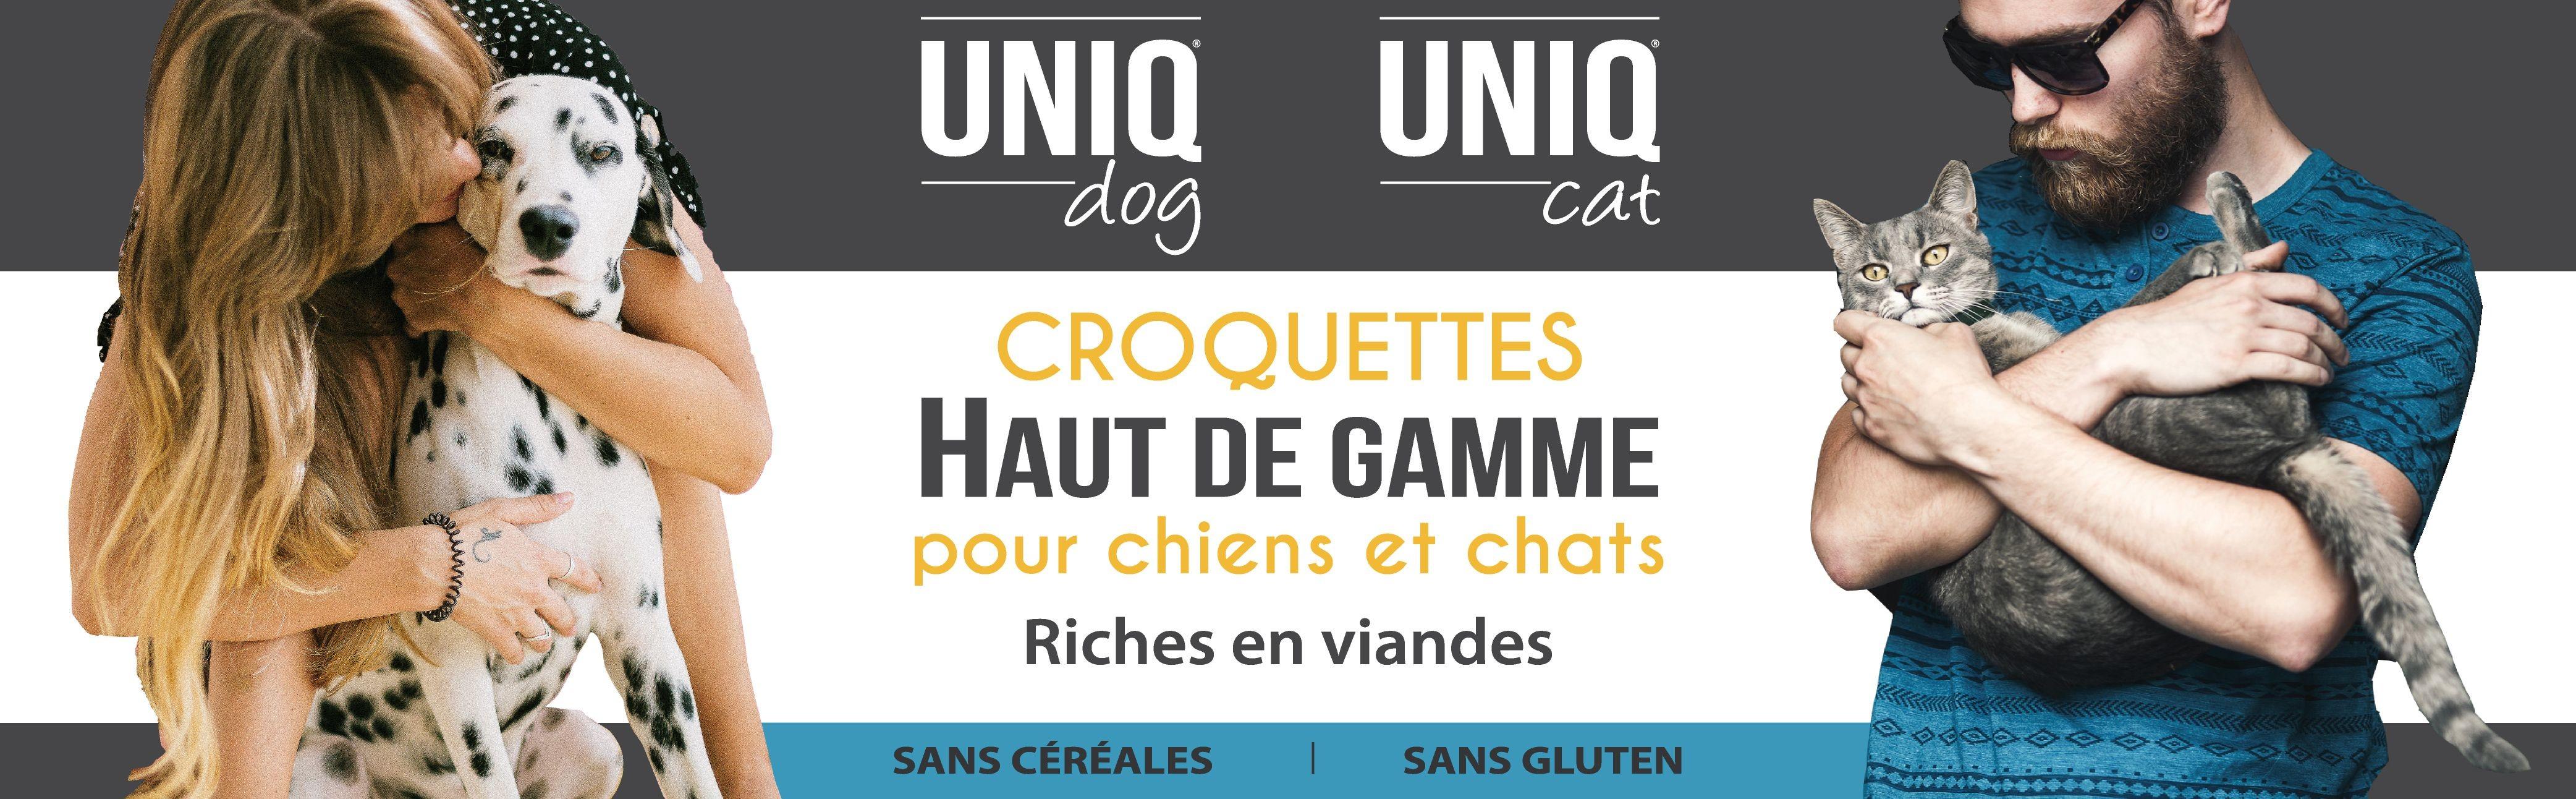 Croquettes haut de gamme pour chiens et chats sans céréales